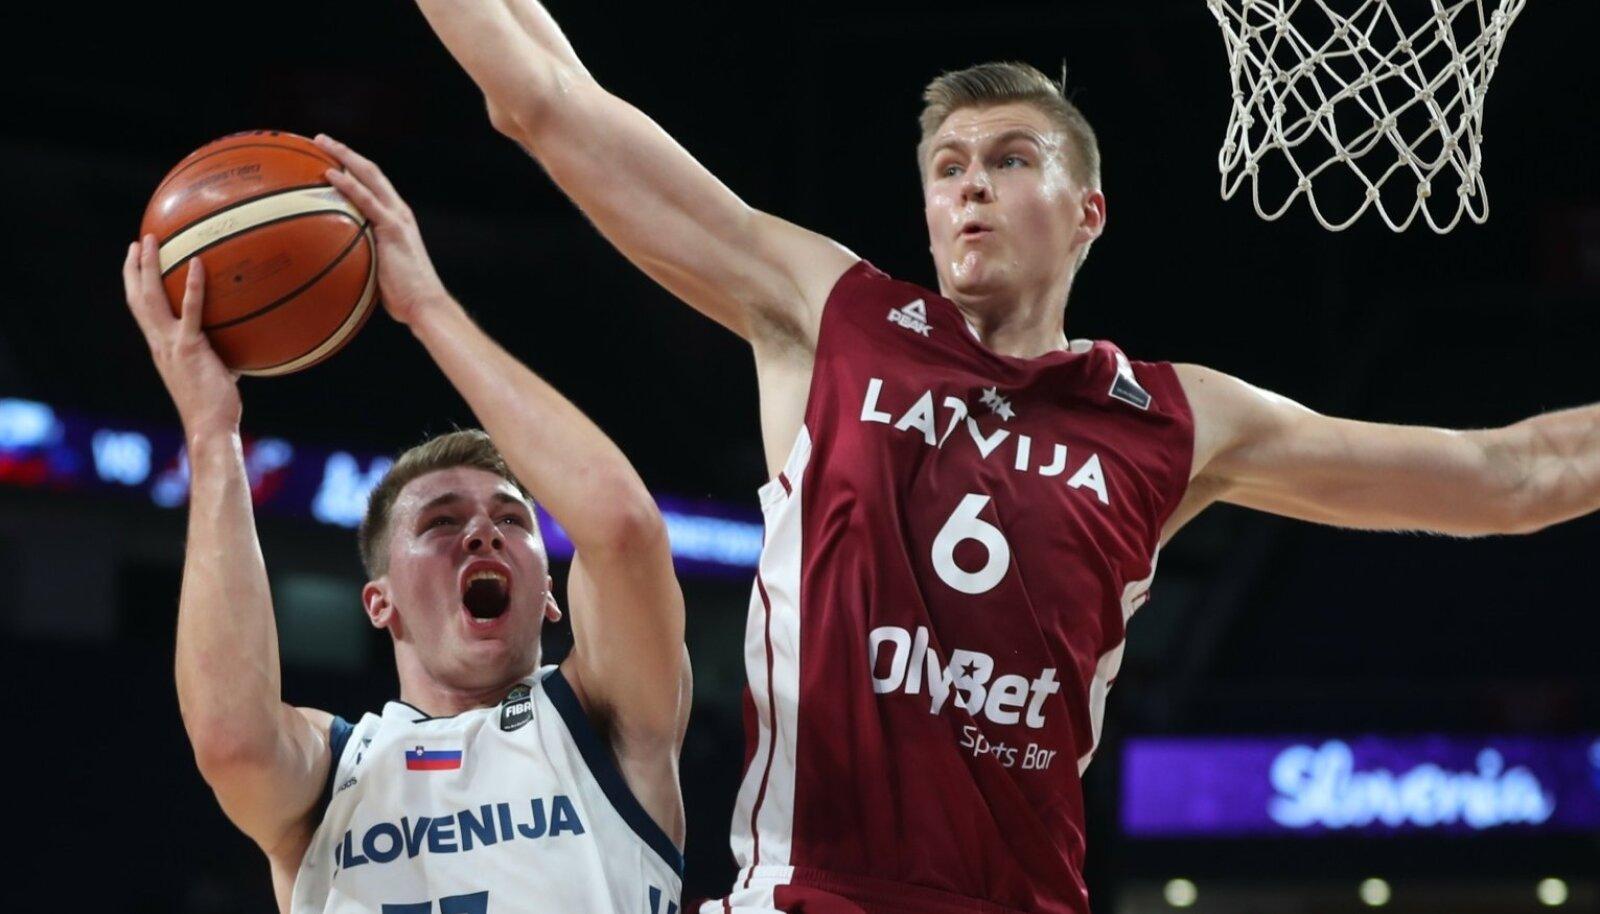 Läti pidi oma staari Kristaps Porziņģisega EM-ilt lahkuma. Sloveenia imelaps Luka Dončić saab koos kaasmaalastega medalite eest heitlemist jätkata.